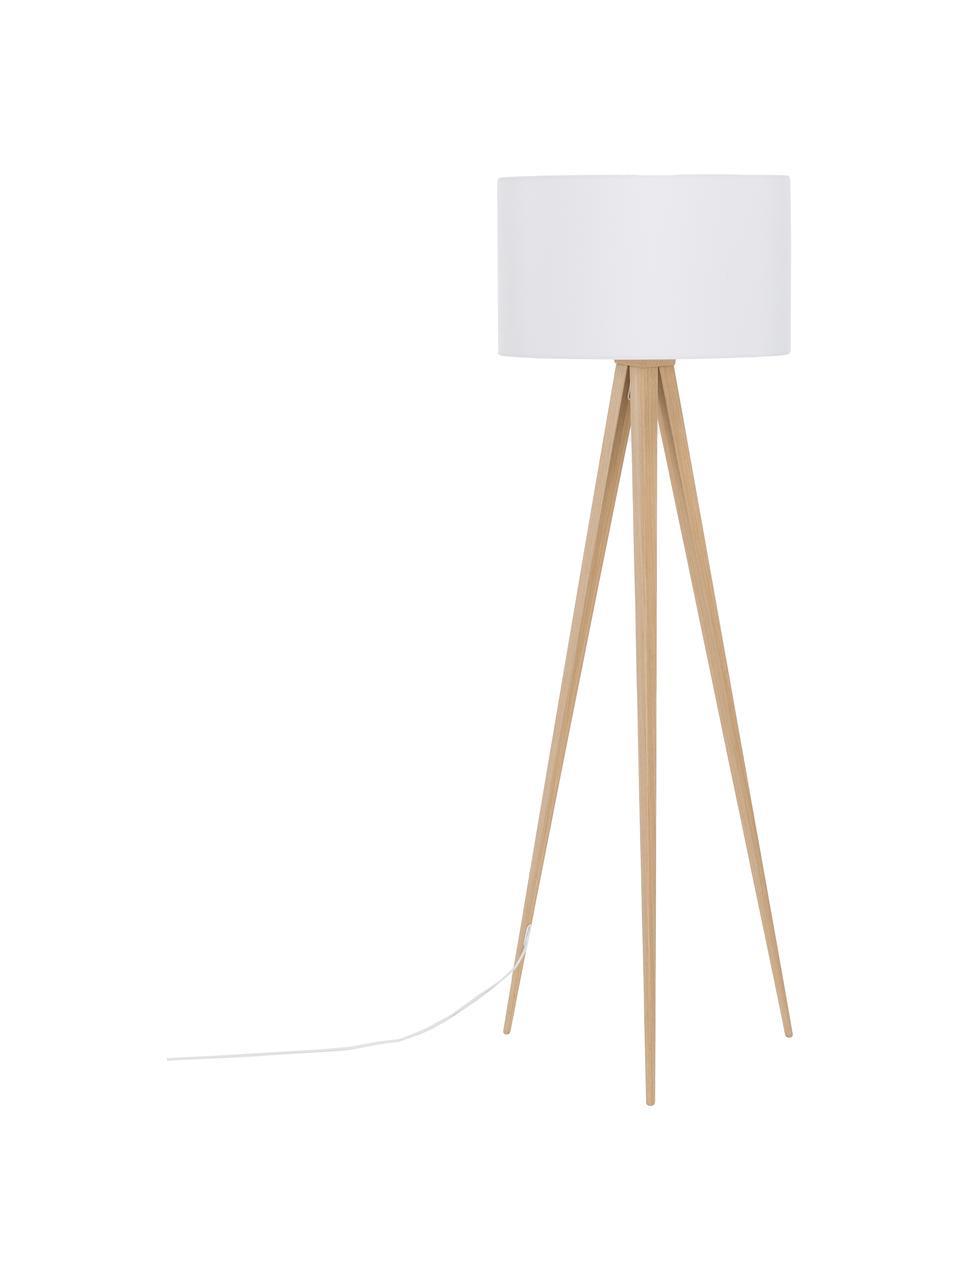 Lampa podłogowa trójnóg w stylu scandi Jake, Klosz: biały Podstawa lampy: fornir drewniany, Ø 50 x W 154 cm